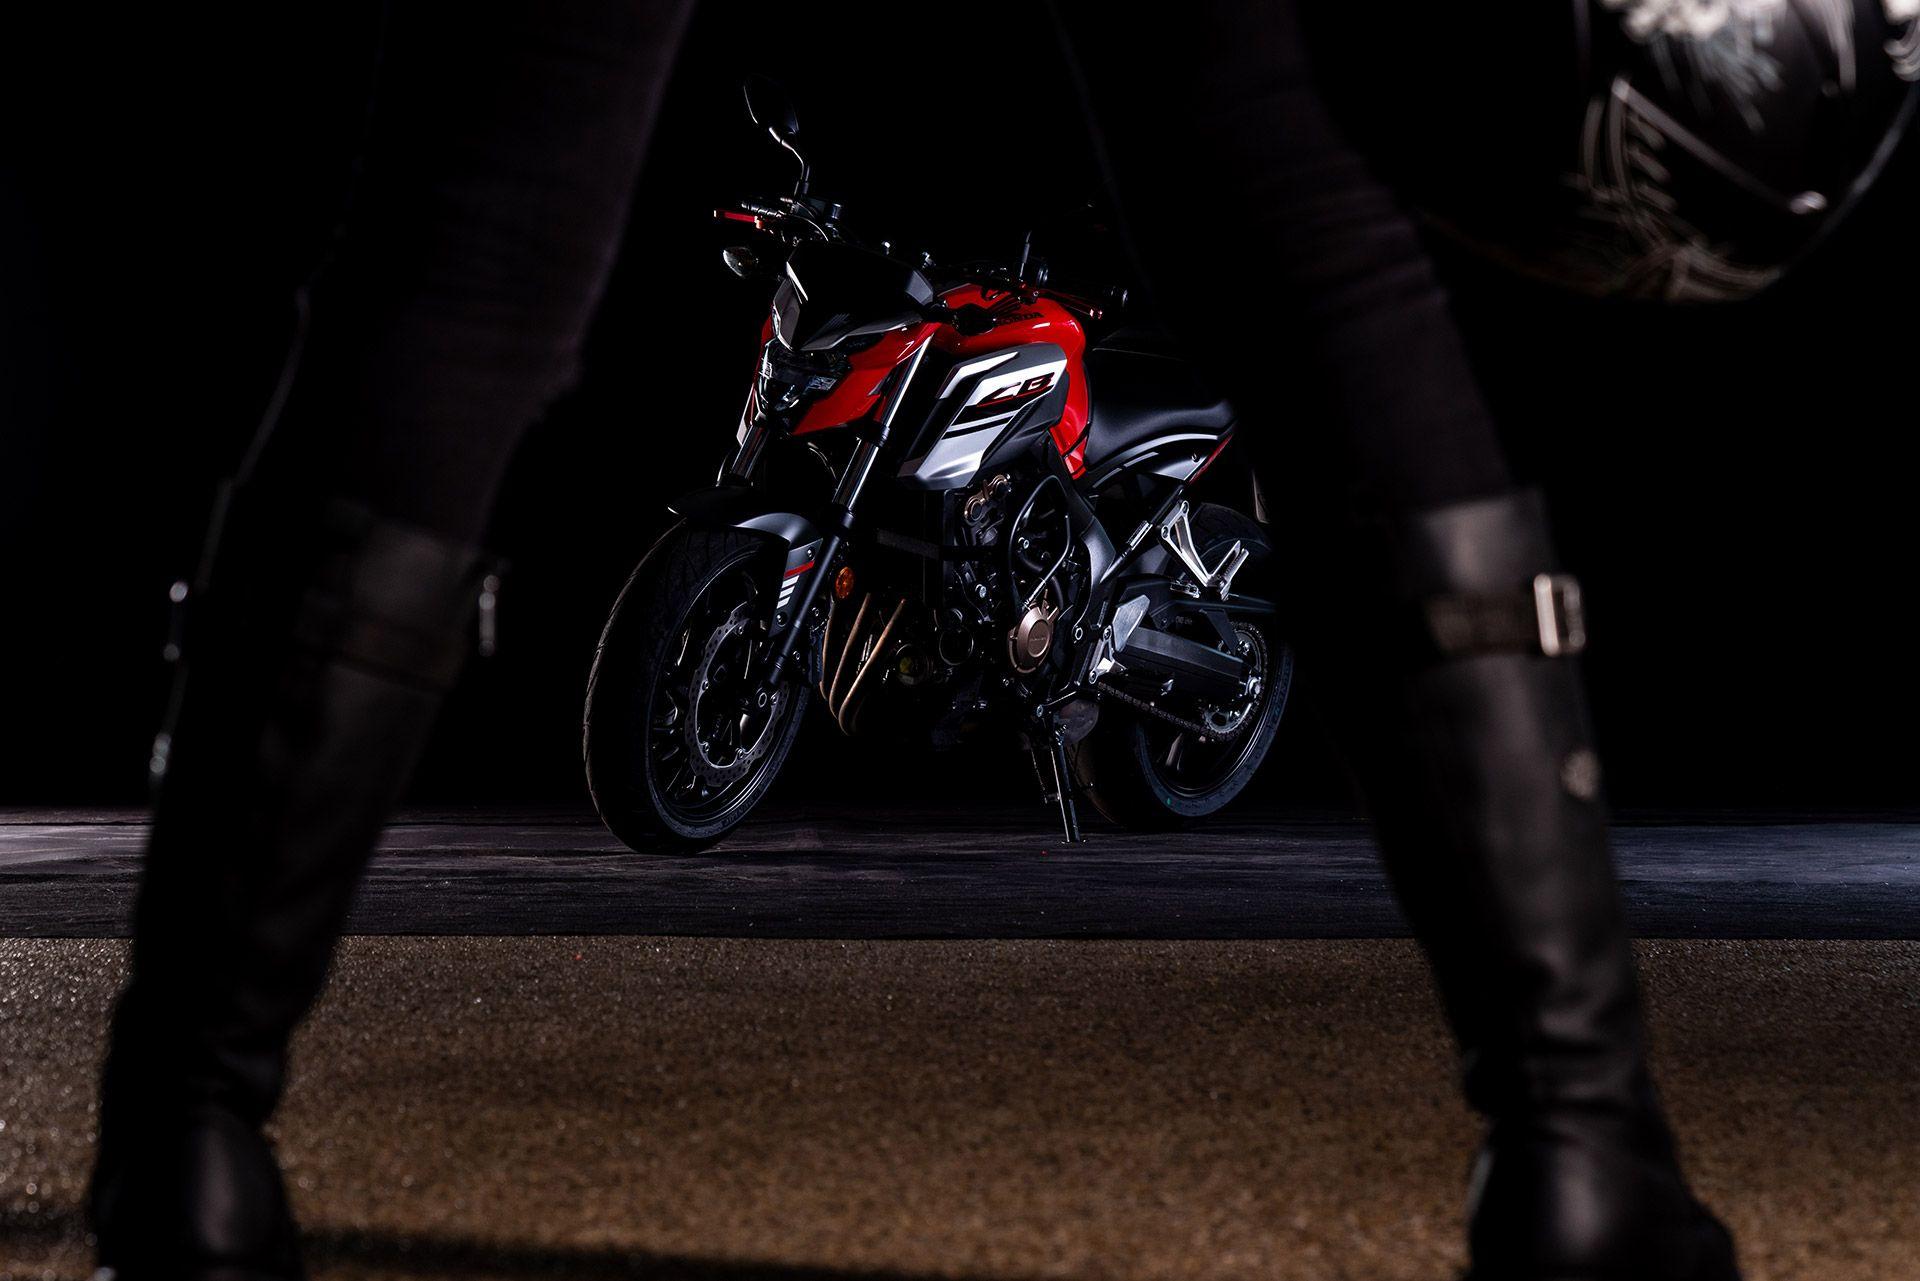 Fahrschule Berlin allroad Motorrad Honda CB650F mit Frauenbeinen